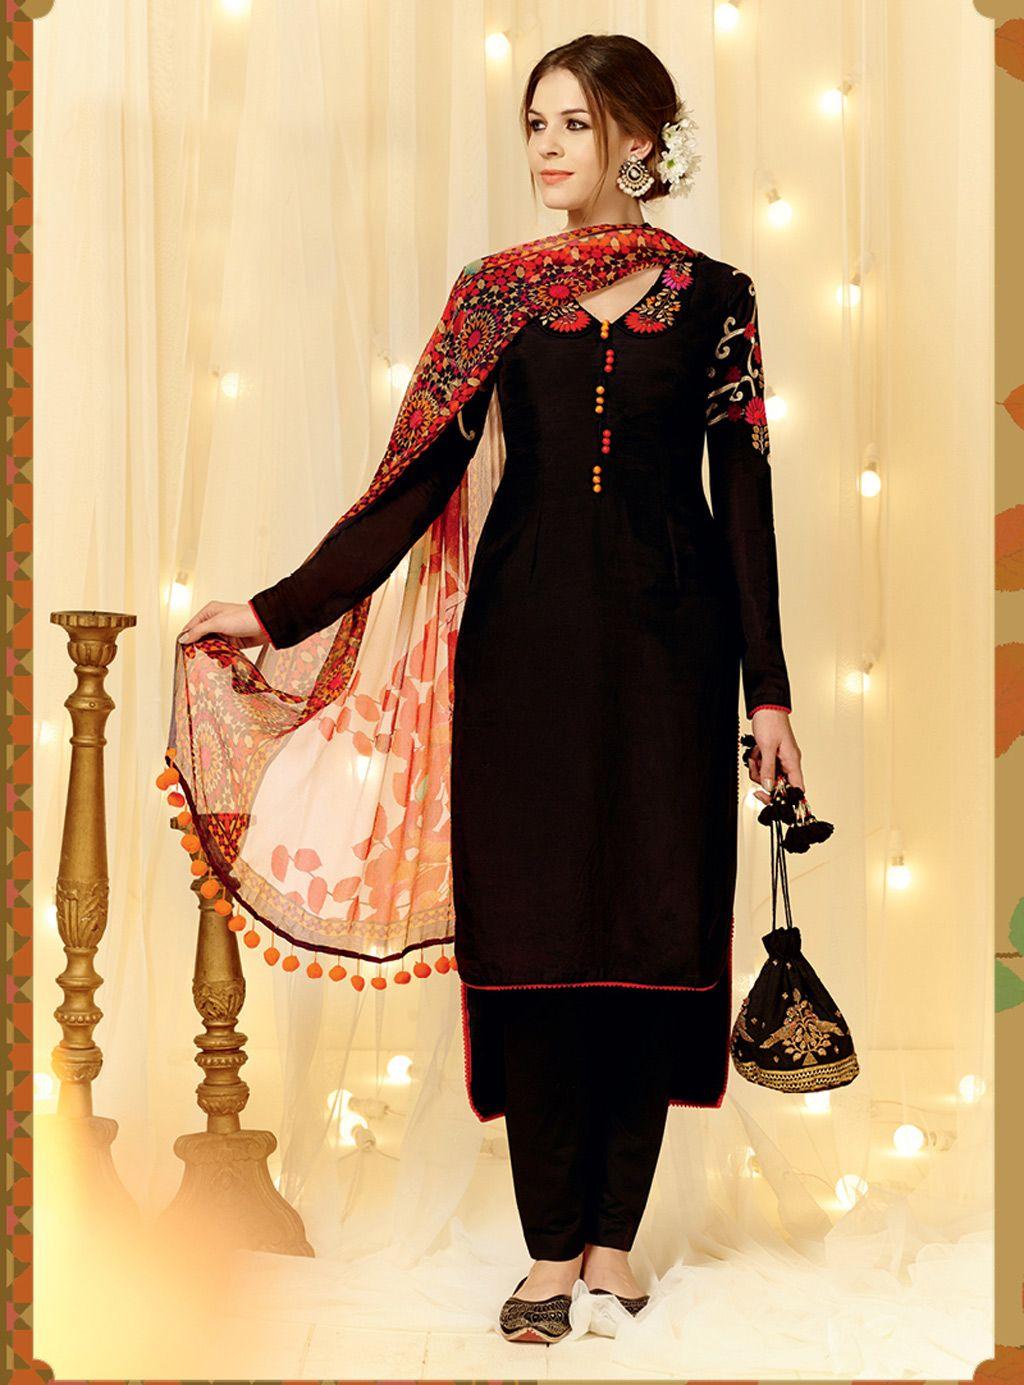 719b7eeae7 Black Cotton Satin Pakistani Style Suit 66123 | Clothes | Black ...